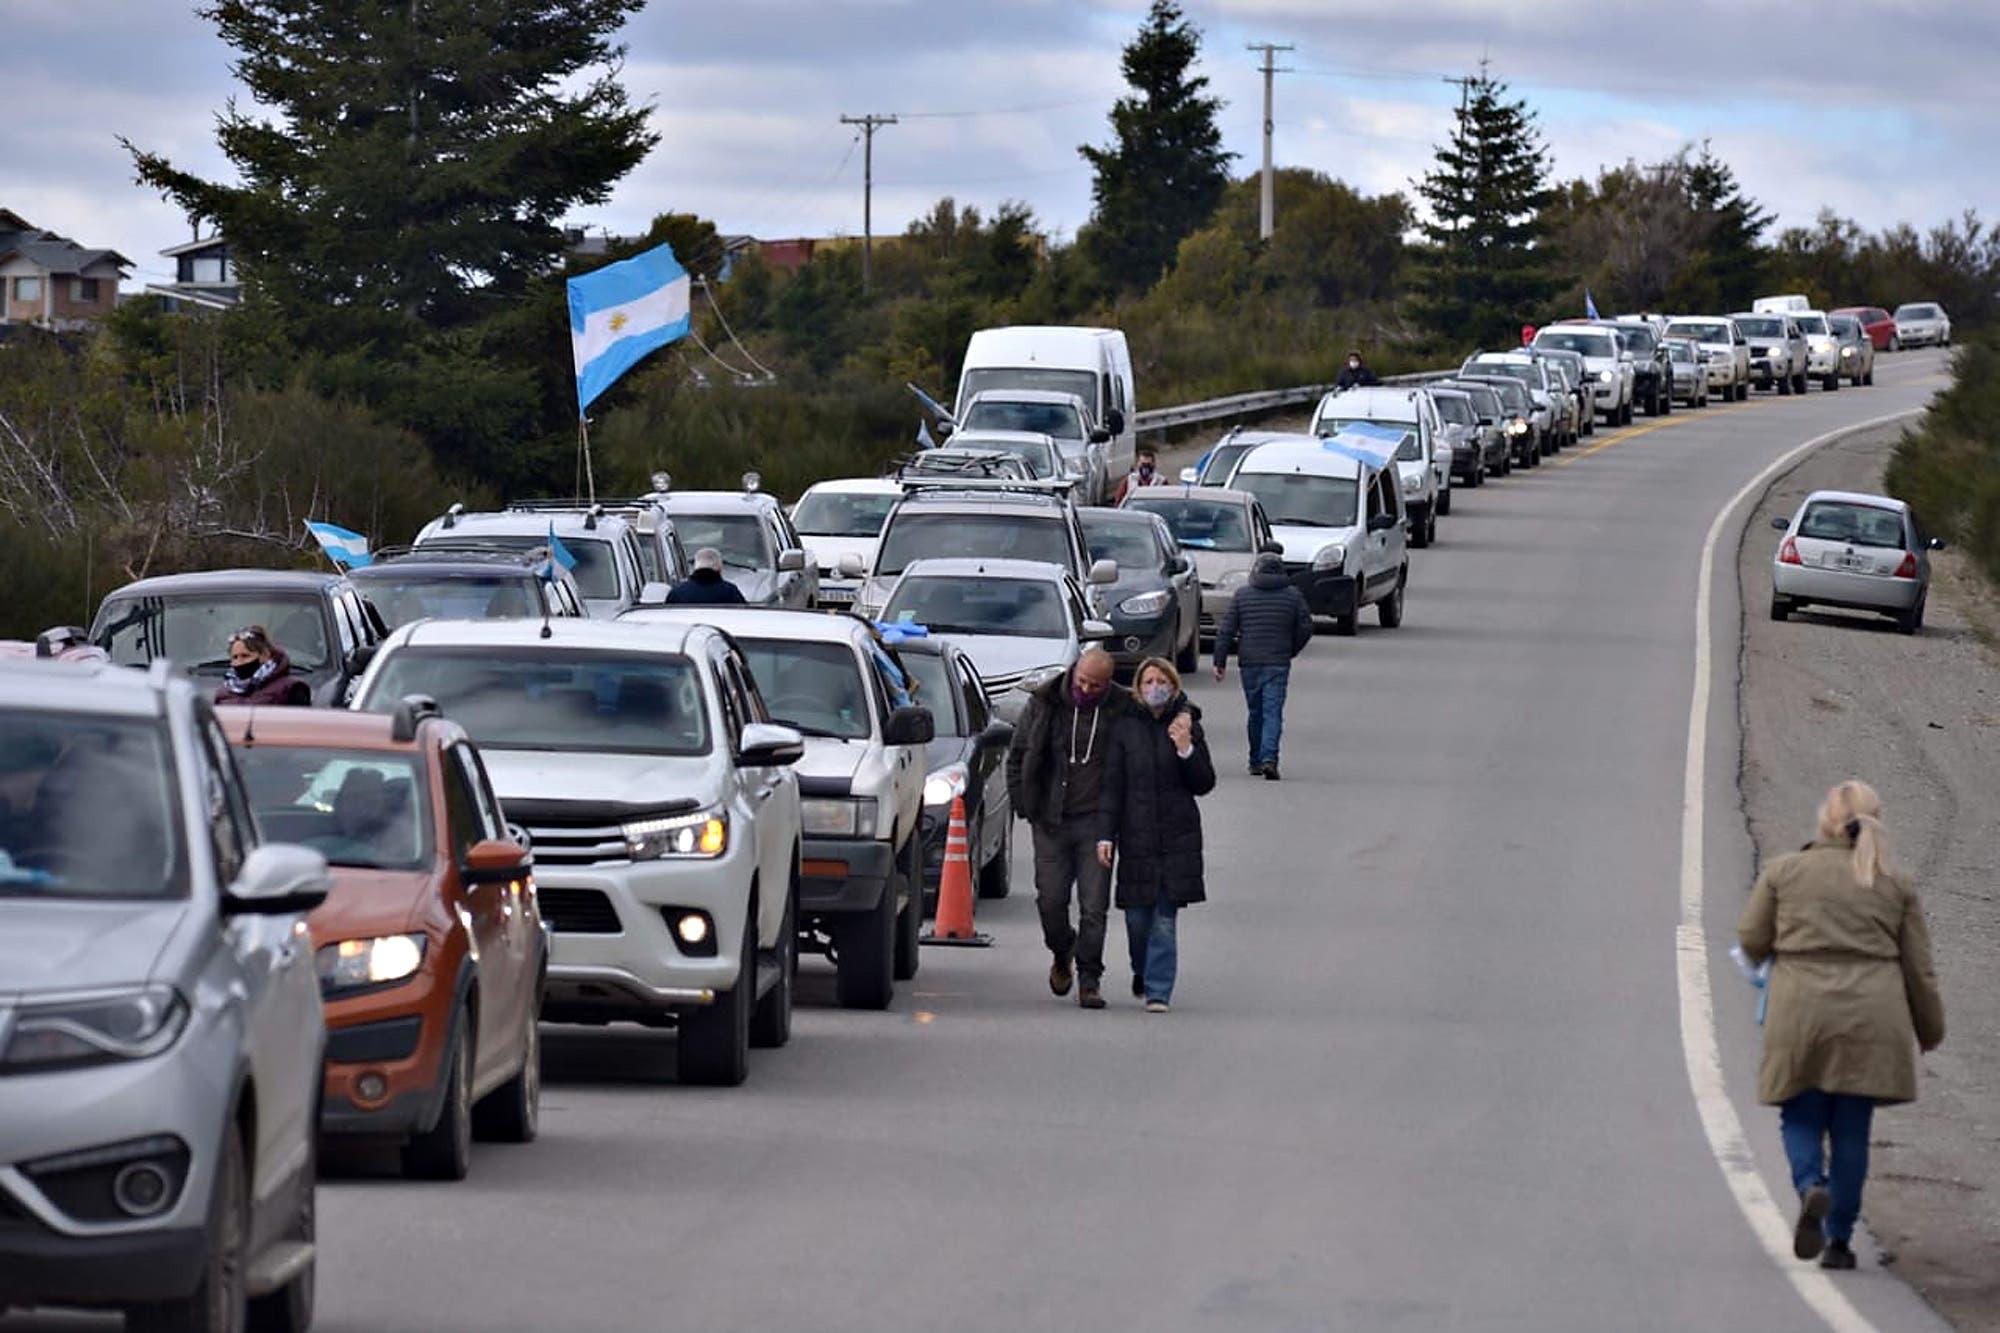 Villa Mascardi: el Ministerio de Seguridad denunció a los manifestantes que protestaron contra la toma de tierras